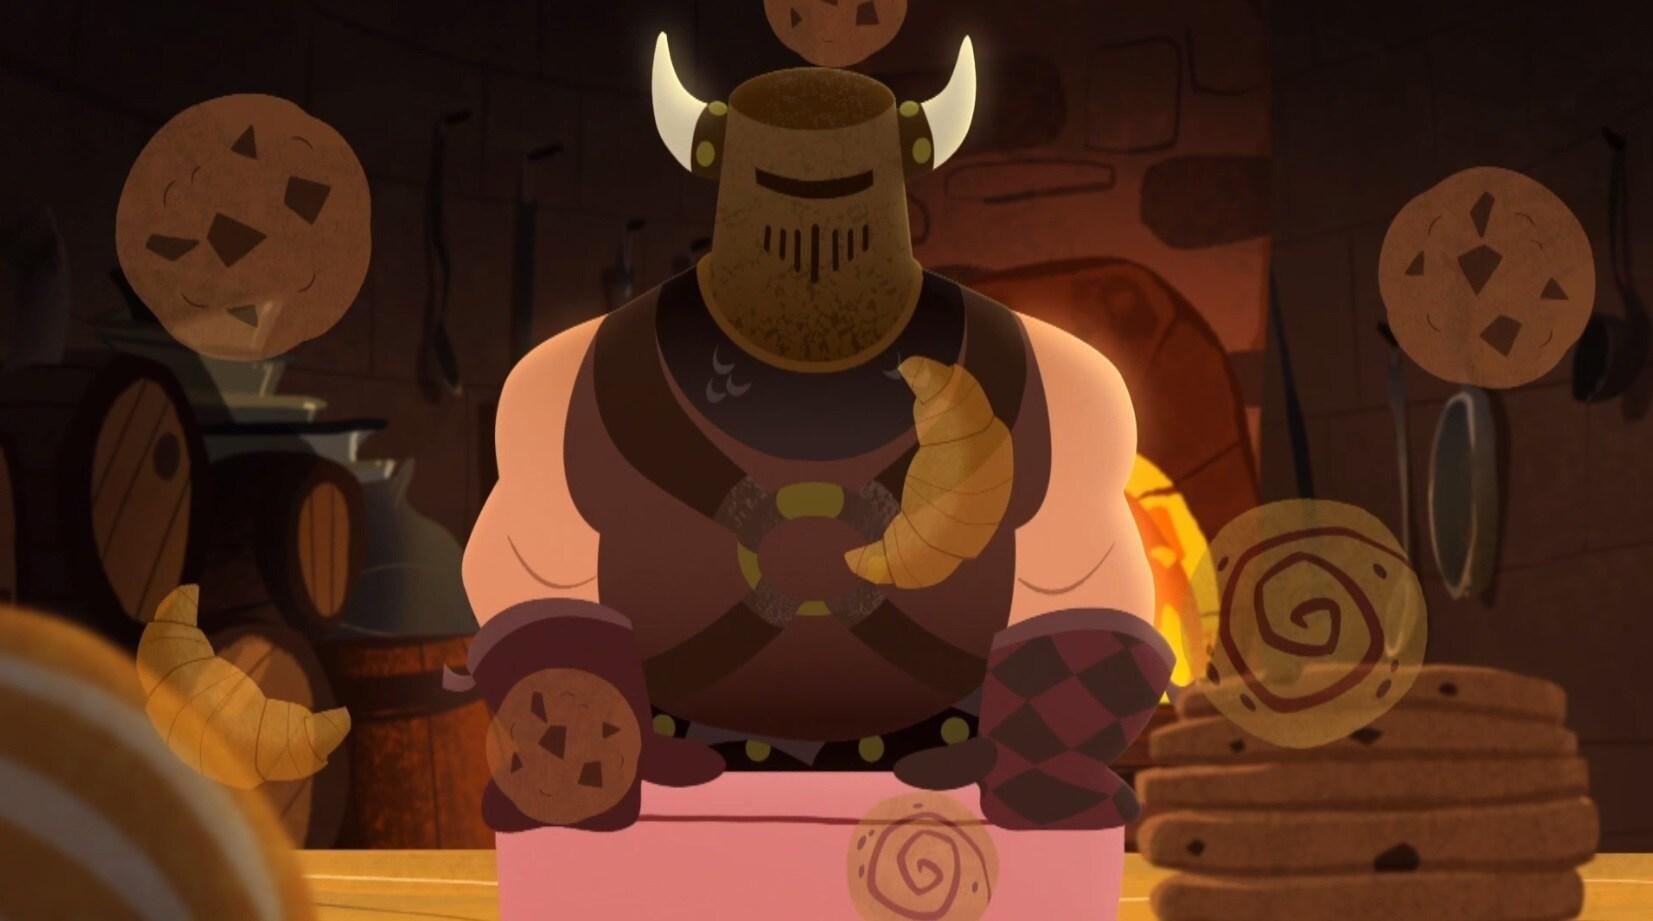 La llave de pan - Recortados - Enredados otra vez: La serie